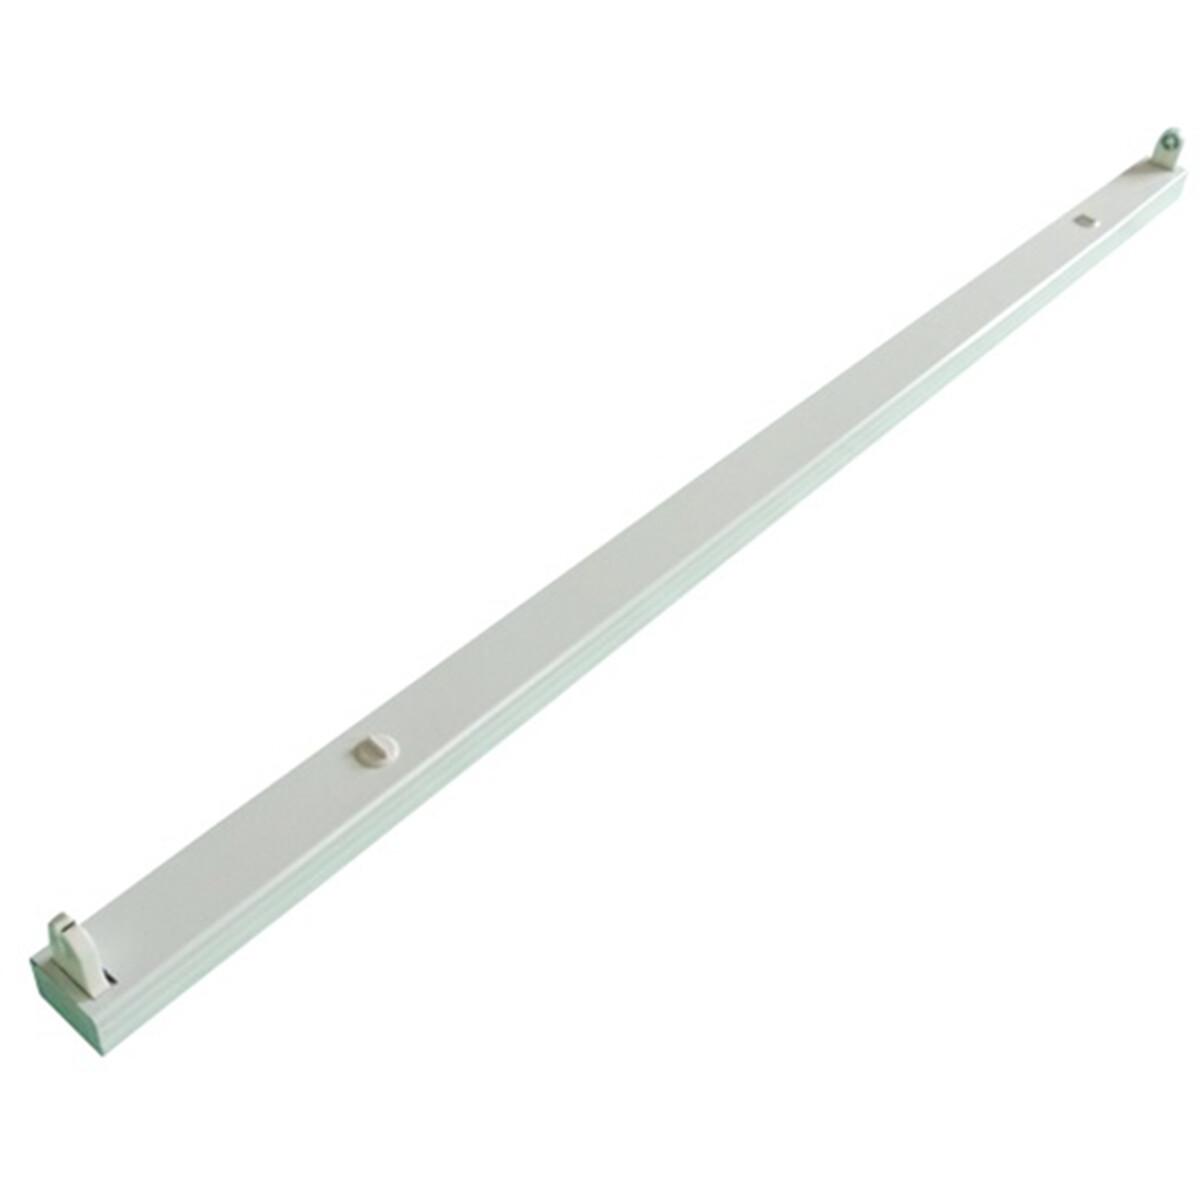 LED TL Armatuur T8 - Aigi Dybolo - 150cm Enkel - IP20 - Mat Wit - Staal